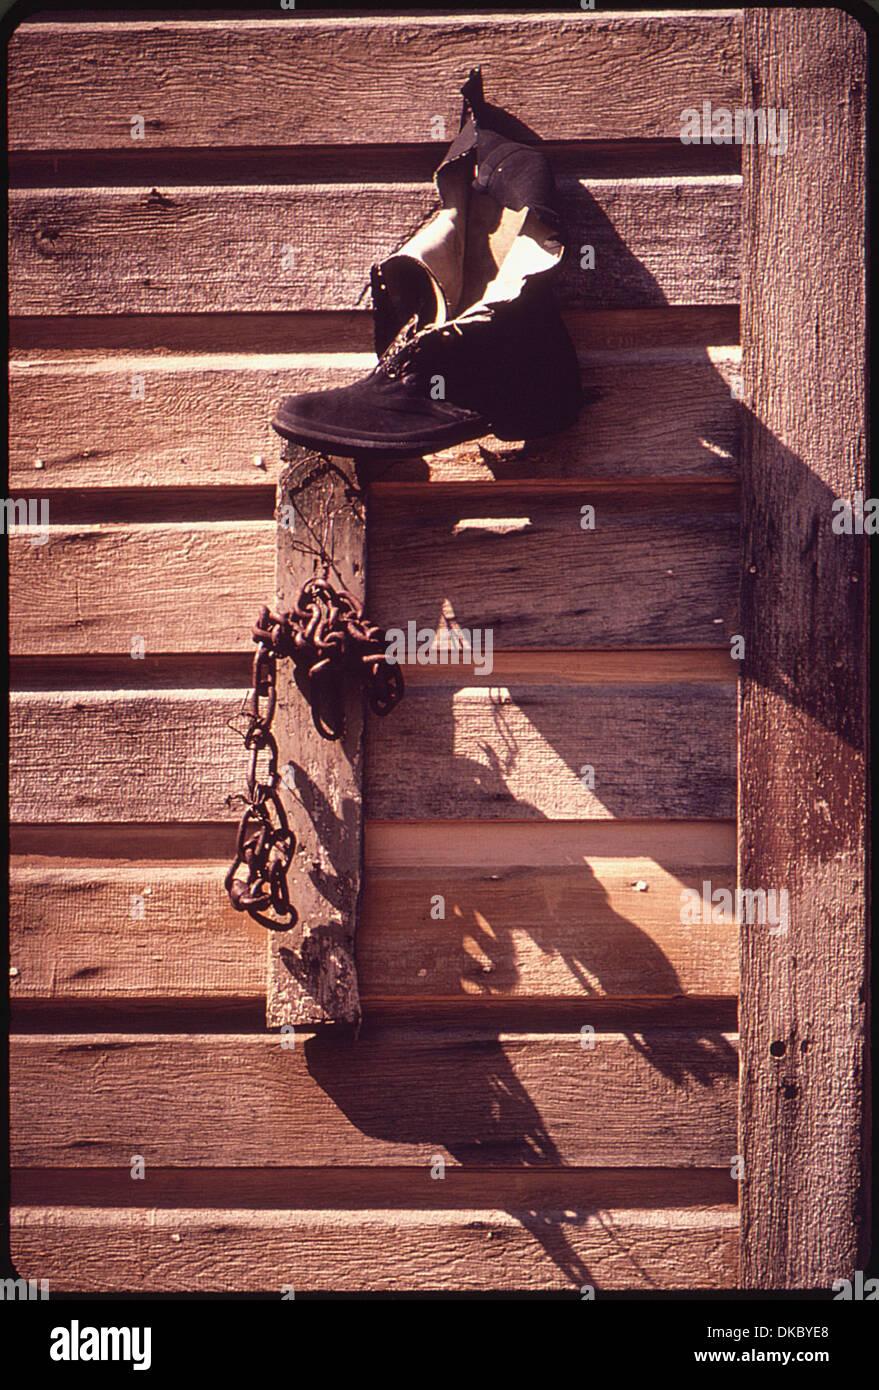 BODIE State Historical Park. Una delle meglio conservate città fantasma NEGLI STATI UNITI 543136 Immagini Stock